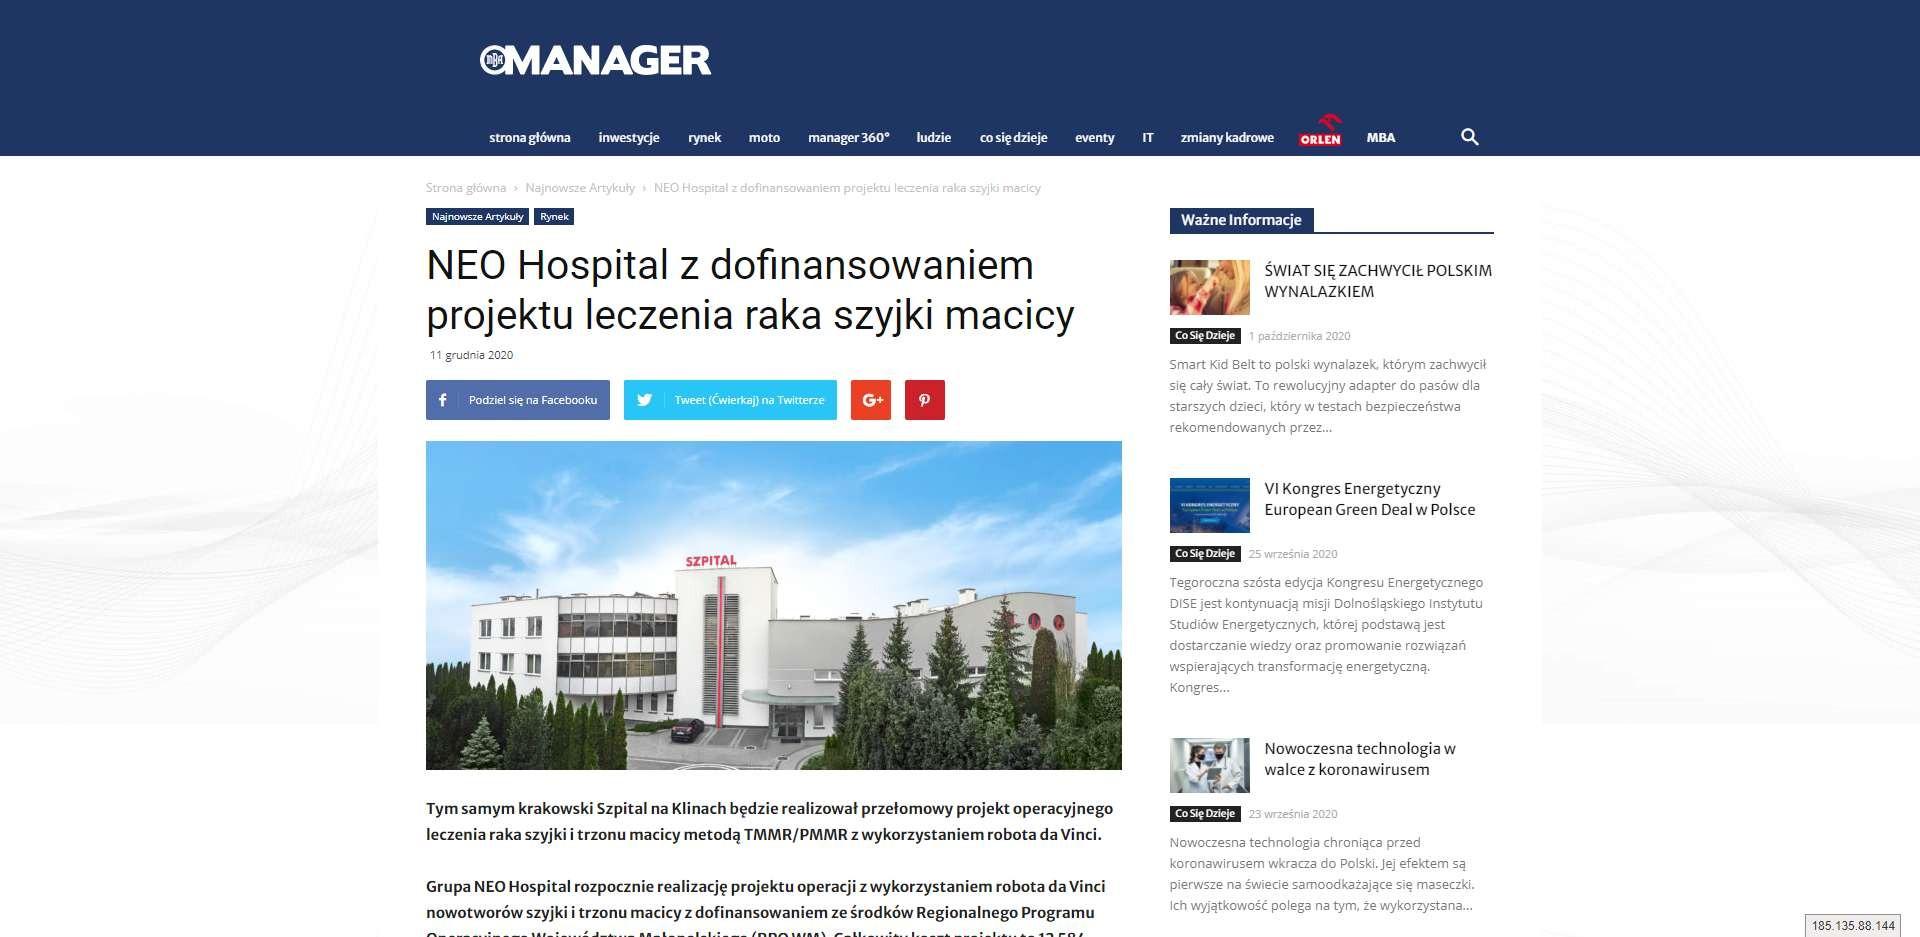 tym samym krakowski szpital na klinach bedzie realizowal przelomowy projekt operacyjnego leczenia raka szyjki i trzonu macicy metoda tmmr pmmr z wykorzystaniem robota da vinci